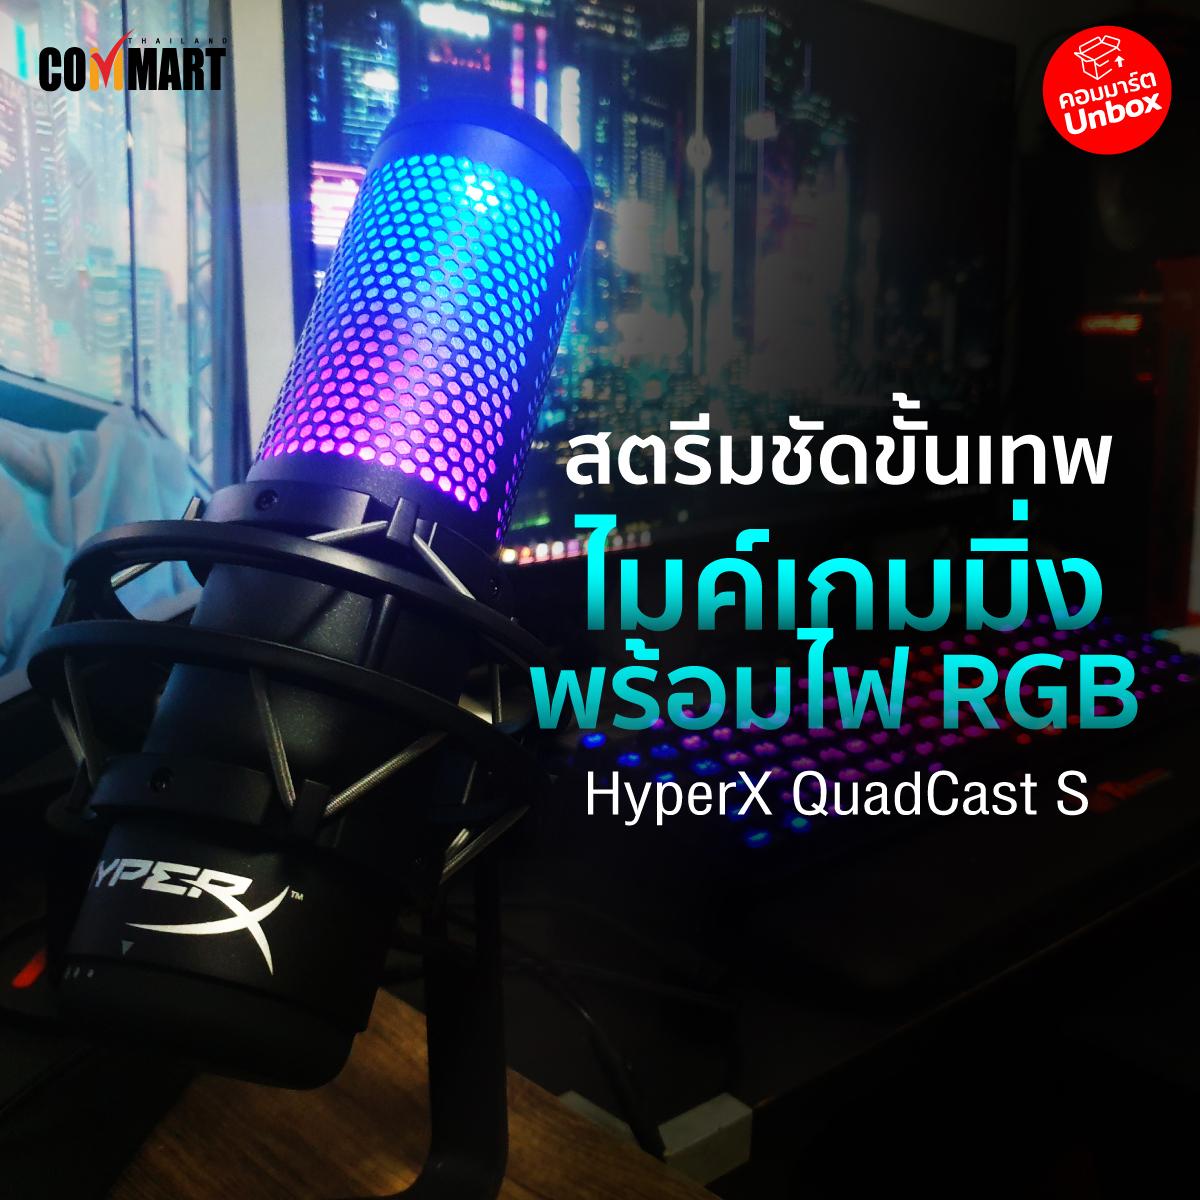 รีวิว : HyperX QuadCast S สตรีมชัดขั้นเทพ พร้อมไฟ RGB วิบวับ